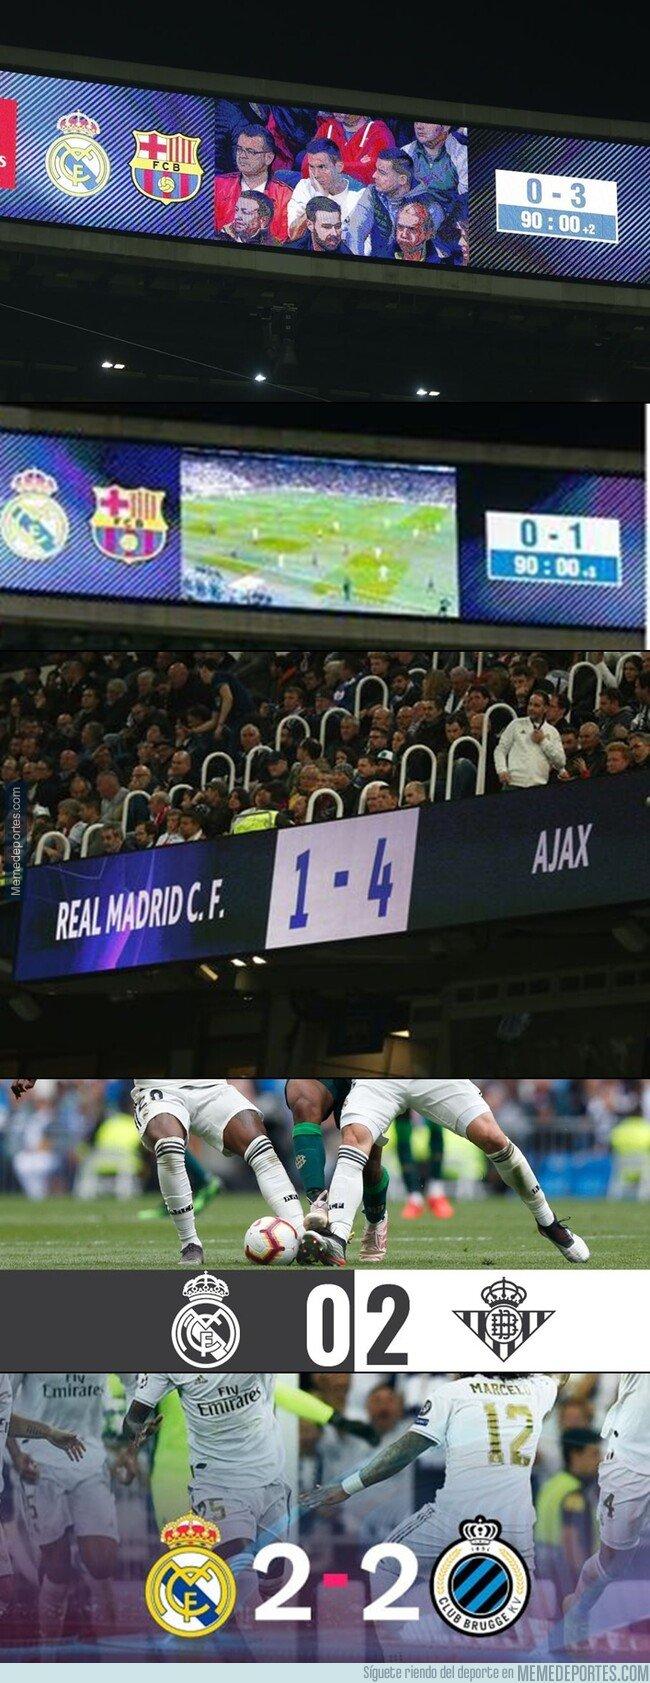 1094379 - Fue un mal año para el Bernabéu